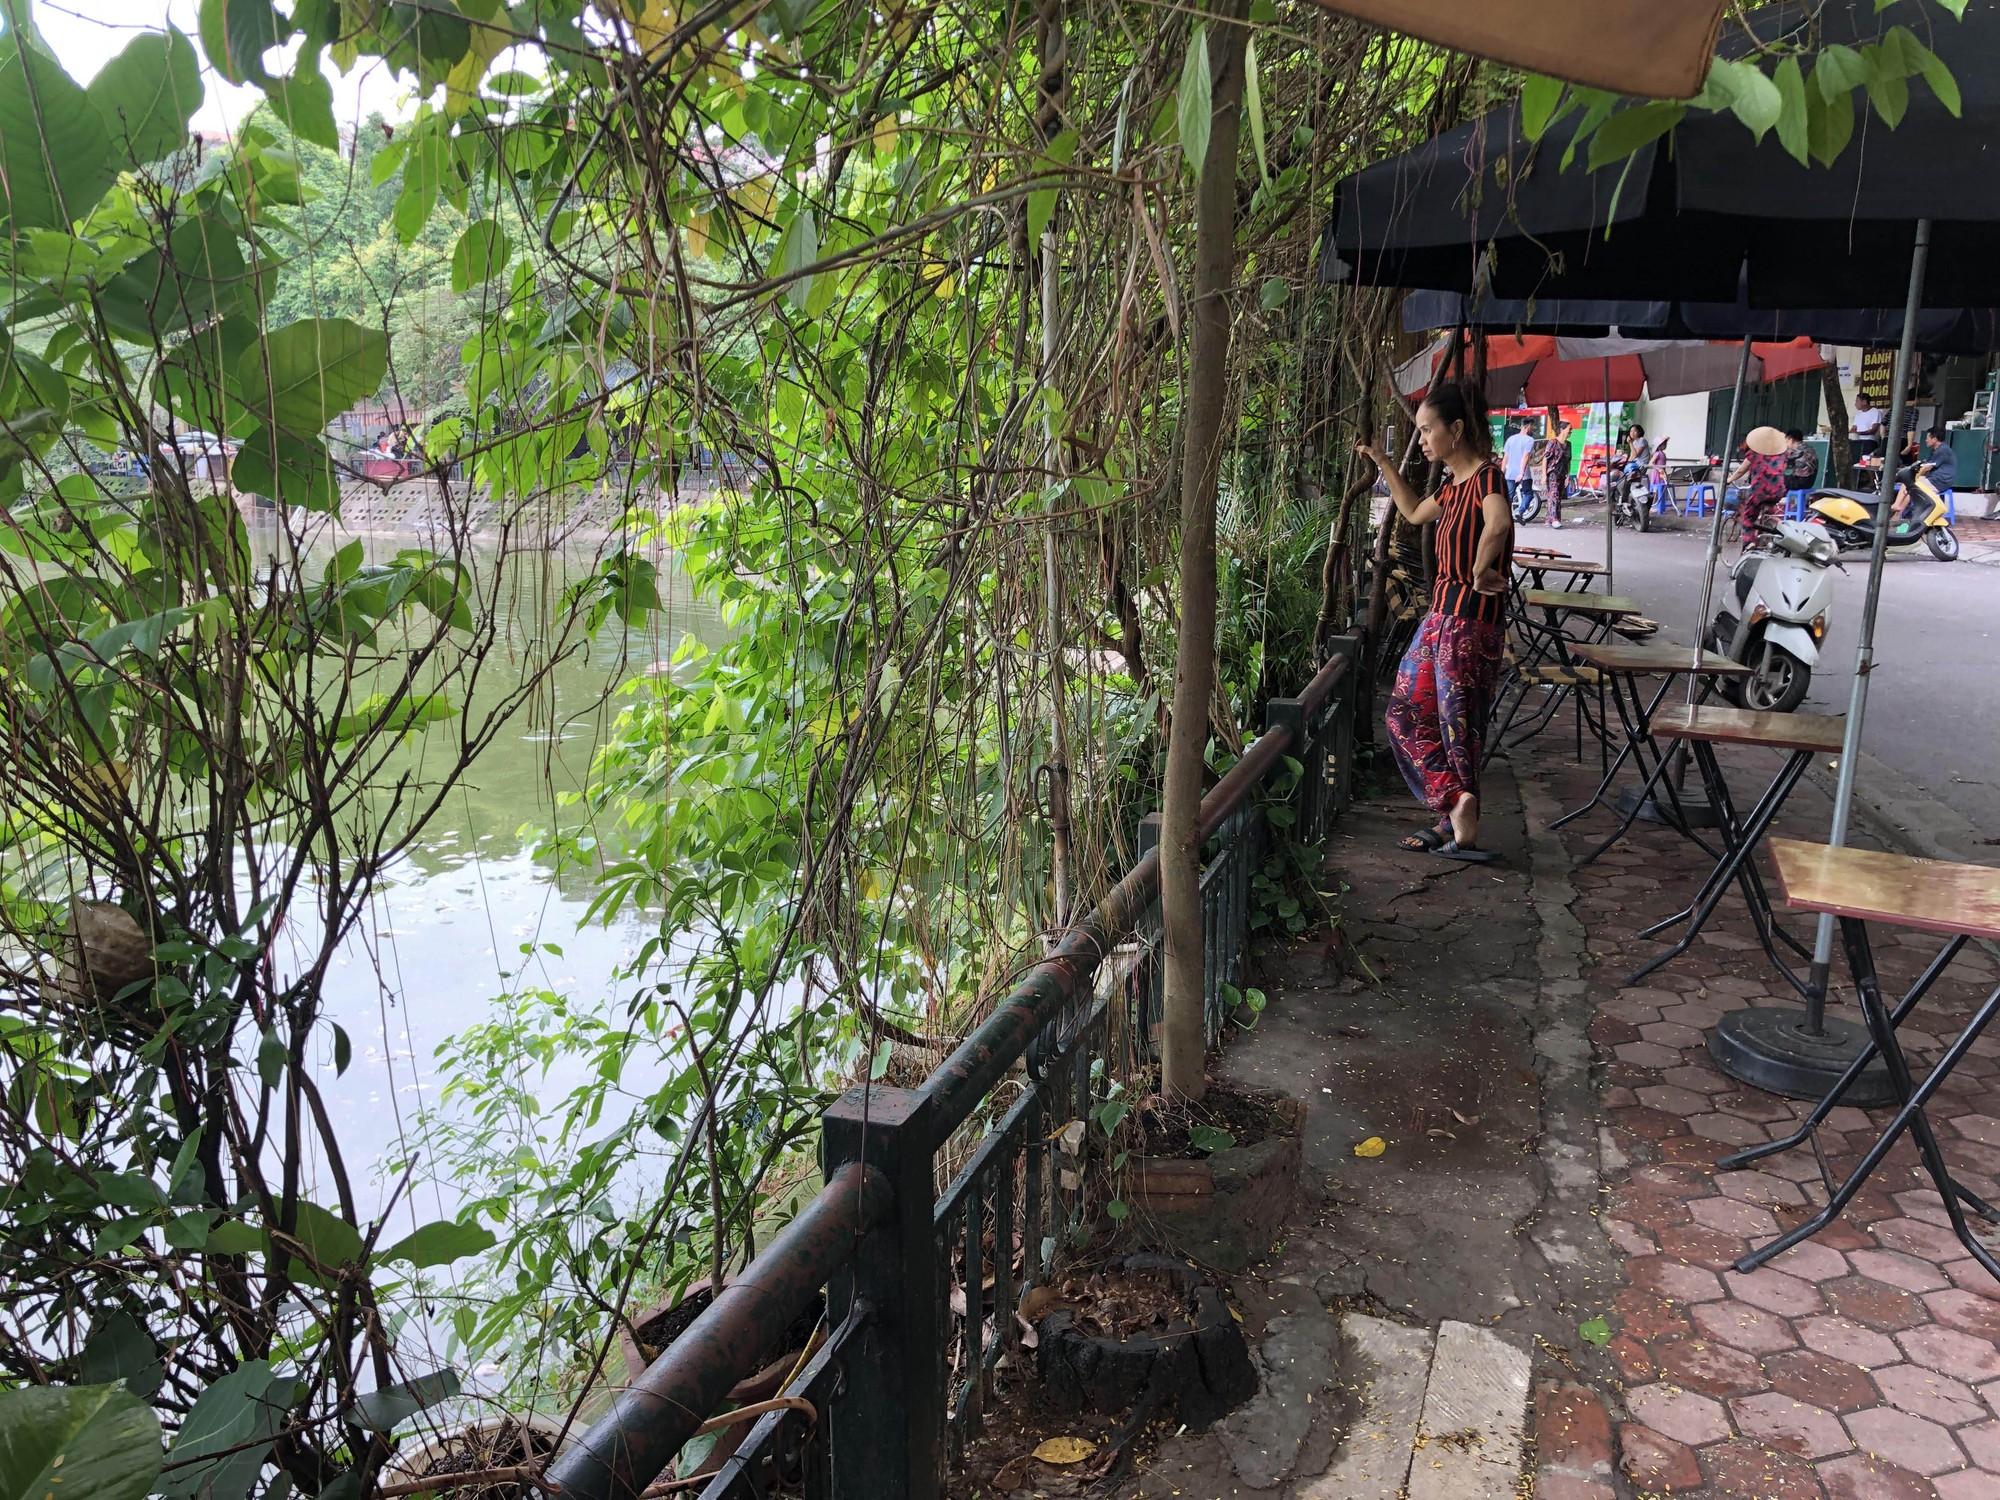 Hà Nội: Cá chết ở hồ Văn Chương khiến cư dân quanh hồ không dám thở - Ảnh 9.